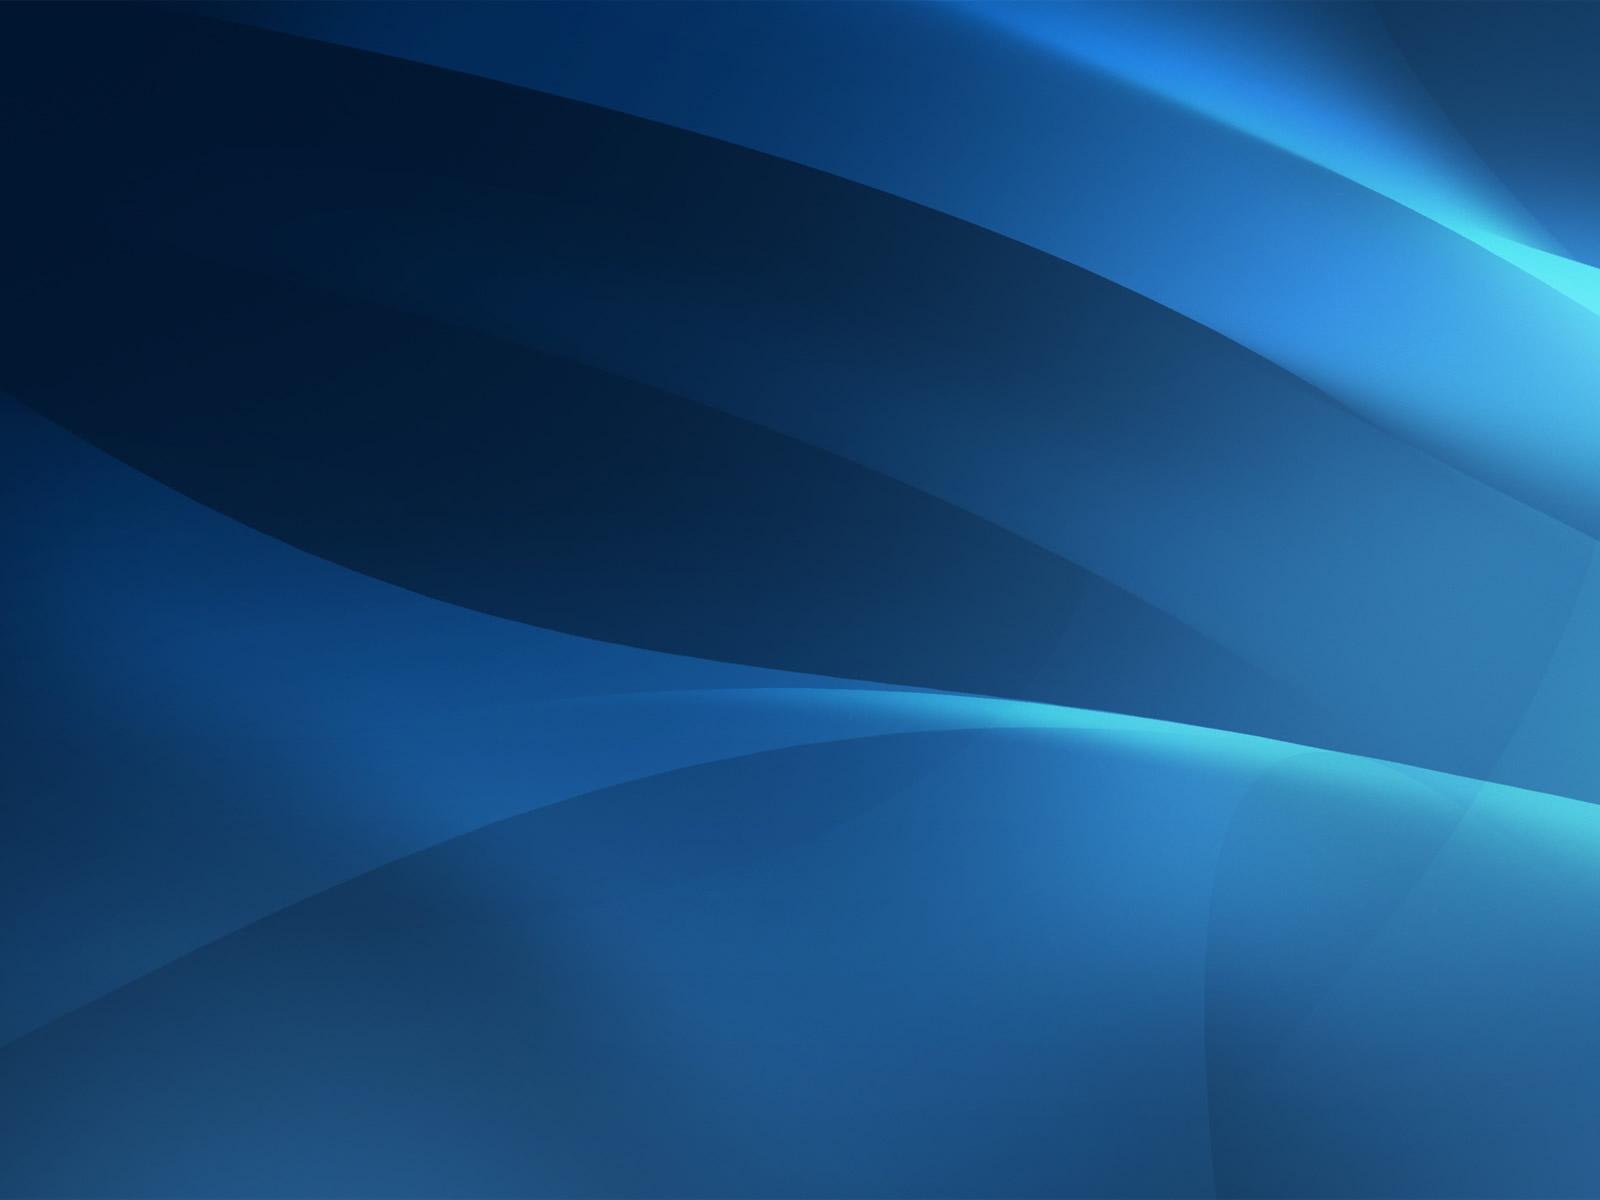 Abstracto Azul Fondo Degradado Marino